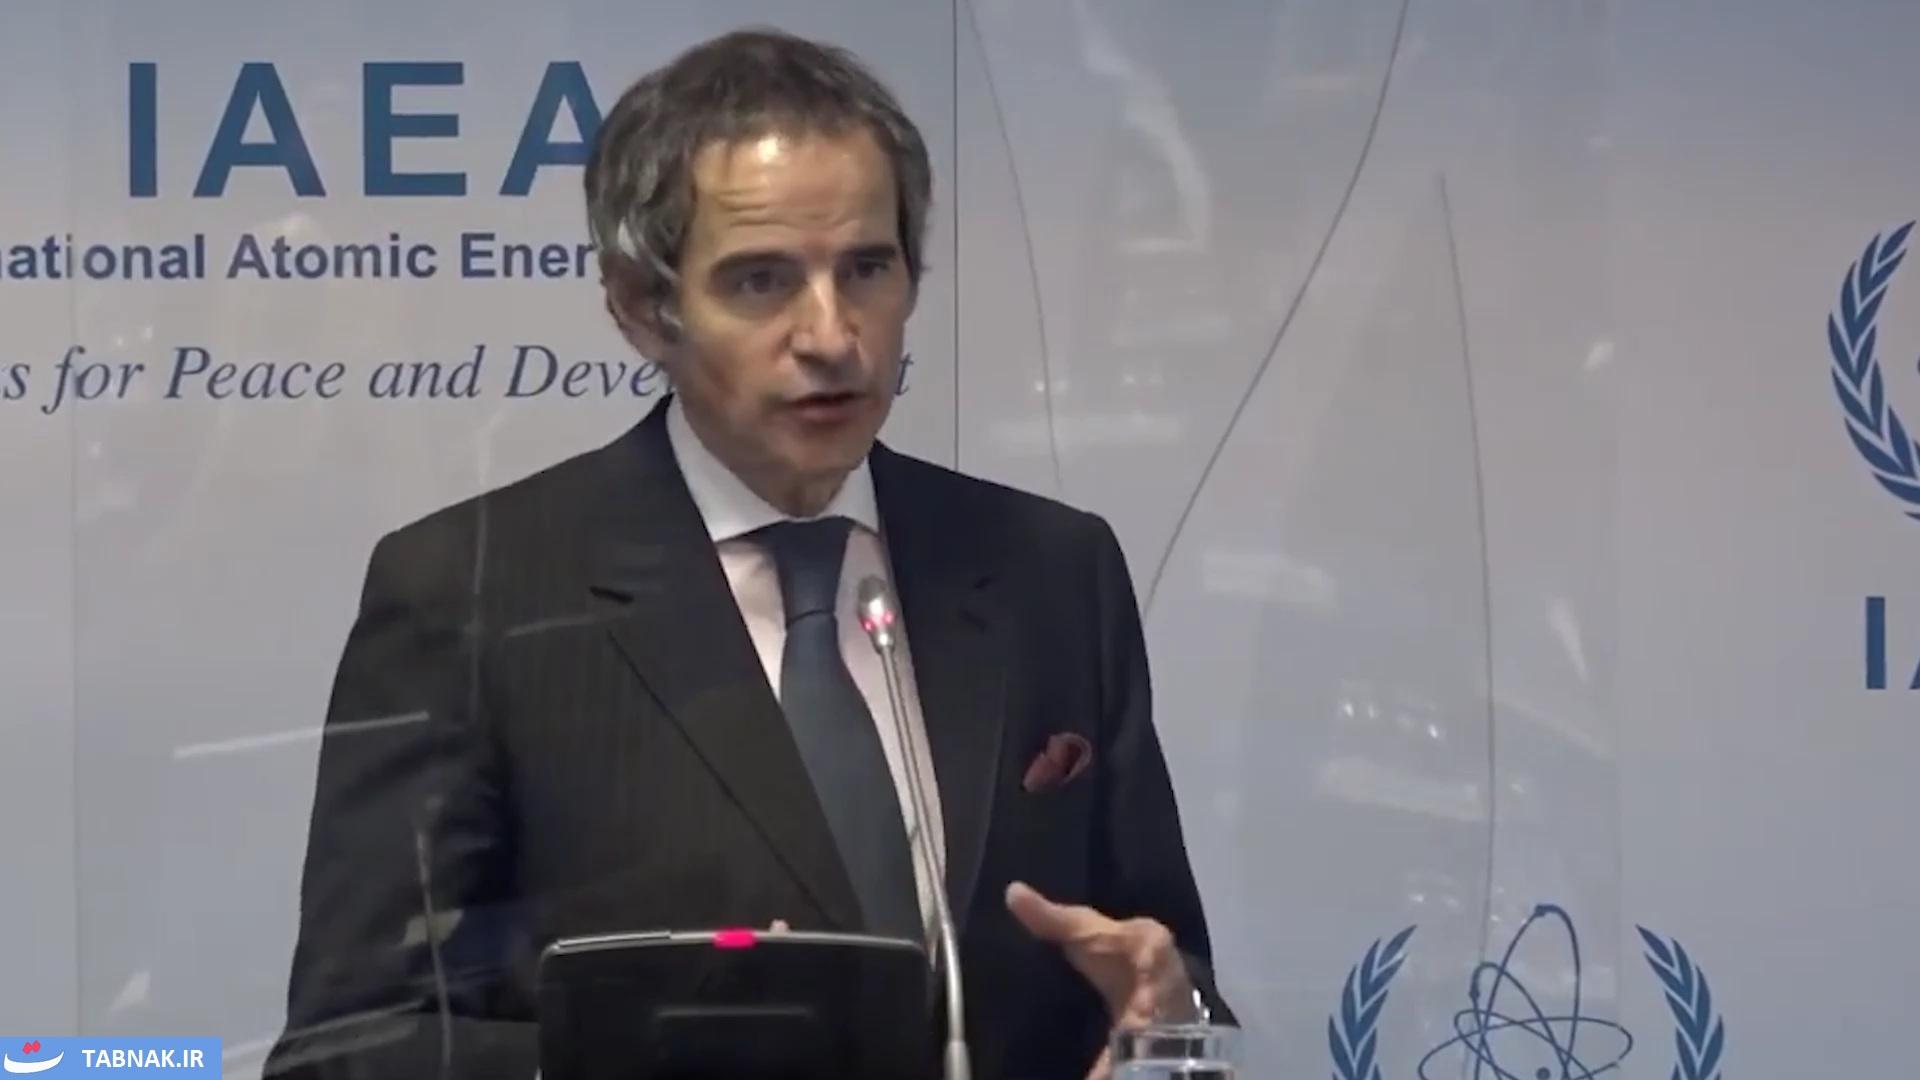 النمسا | مدير الوكالة الدولية للطاقة الذرية يعلن عن اجتماع مرتقب مع طهران: نيتي الوصول لنتائج مرضية